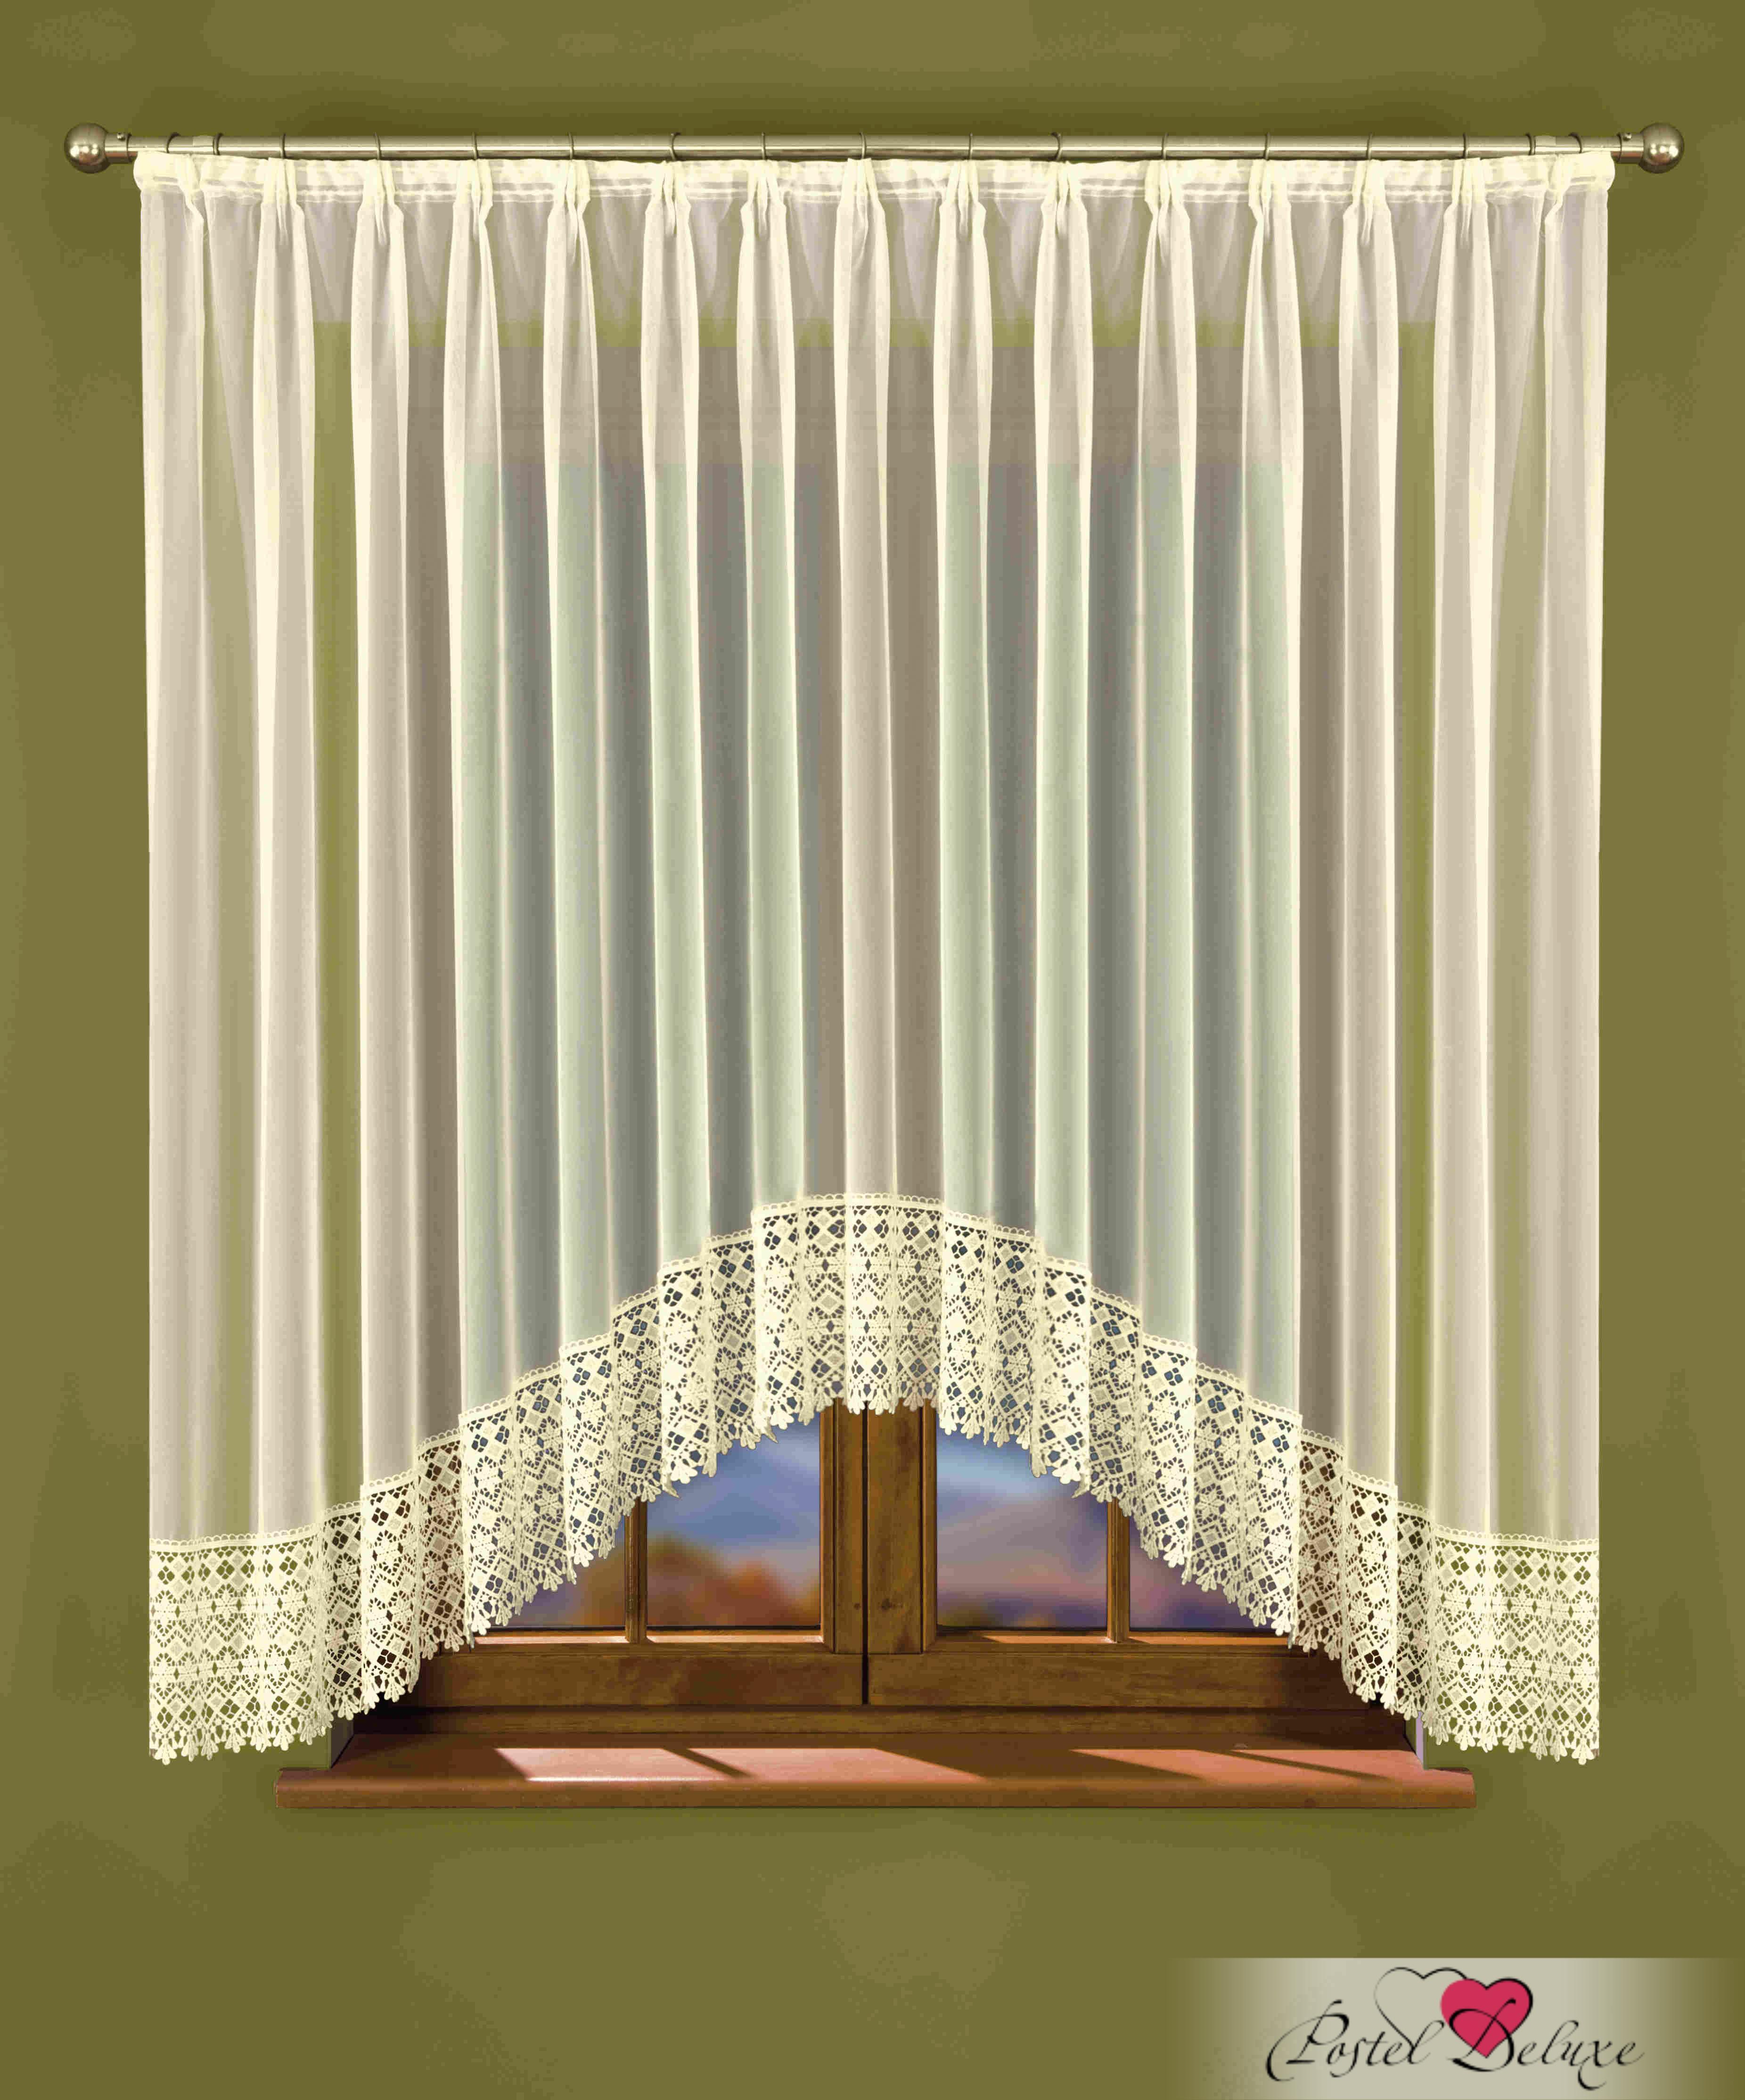 Шторы WisanШторы<br>ВНИМАНИЕ! Комплектация штор может отличаться от представленной на фотографии. Фактическая комплектация указана в описании изделия.<br><br>Производитель: Wisan<br>Cтрана производства: Польша<br>Классические шторы<br>Материал гардины: Вуаль<br>Размер гардины: 300х160 см (1 шт.)<br>Вид крепления: Лента<br>Рекомендуемая ширина карниза (см): 120-200<br><br>Заказывая шторы нужно помнить, что полотно портьеры (2 шт. для 1 окна) и гардины (1 шт на окно) не вешается «в натяжку». Исключение составляют римские и японские шторы. Все остальные модели предусматривают образование складок, а для этого ширина шторы должно быть больше длины карниза (как правило в 1.5-2.5 раза). Чем больше соотношение тем гуще складки, коэффициент 1.5 считается минимально допустимой сборкой, в то время как 2.5 сборка с густыми складками. Размер карниза указанный в описании предполагает, что вы будете использовать 1 гардину на 1 окно. Ели вы собираетесь использовать к примеру 2 гардины на 1 окно, то размер карниза должен быть в 2 раза больше, чем указано.<br><br>Тип: шторы<br>Размерность комплекта: Классические шторы<br>Материал: Вуаль<br>Размер наволочки: None<br>Подарочная упаковка: Классические шторы<br>Для детей: Классические шторы<br>Ткань: Вуаль<br>Цвет: Бежевый